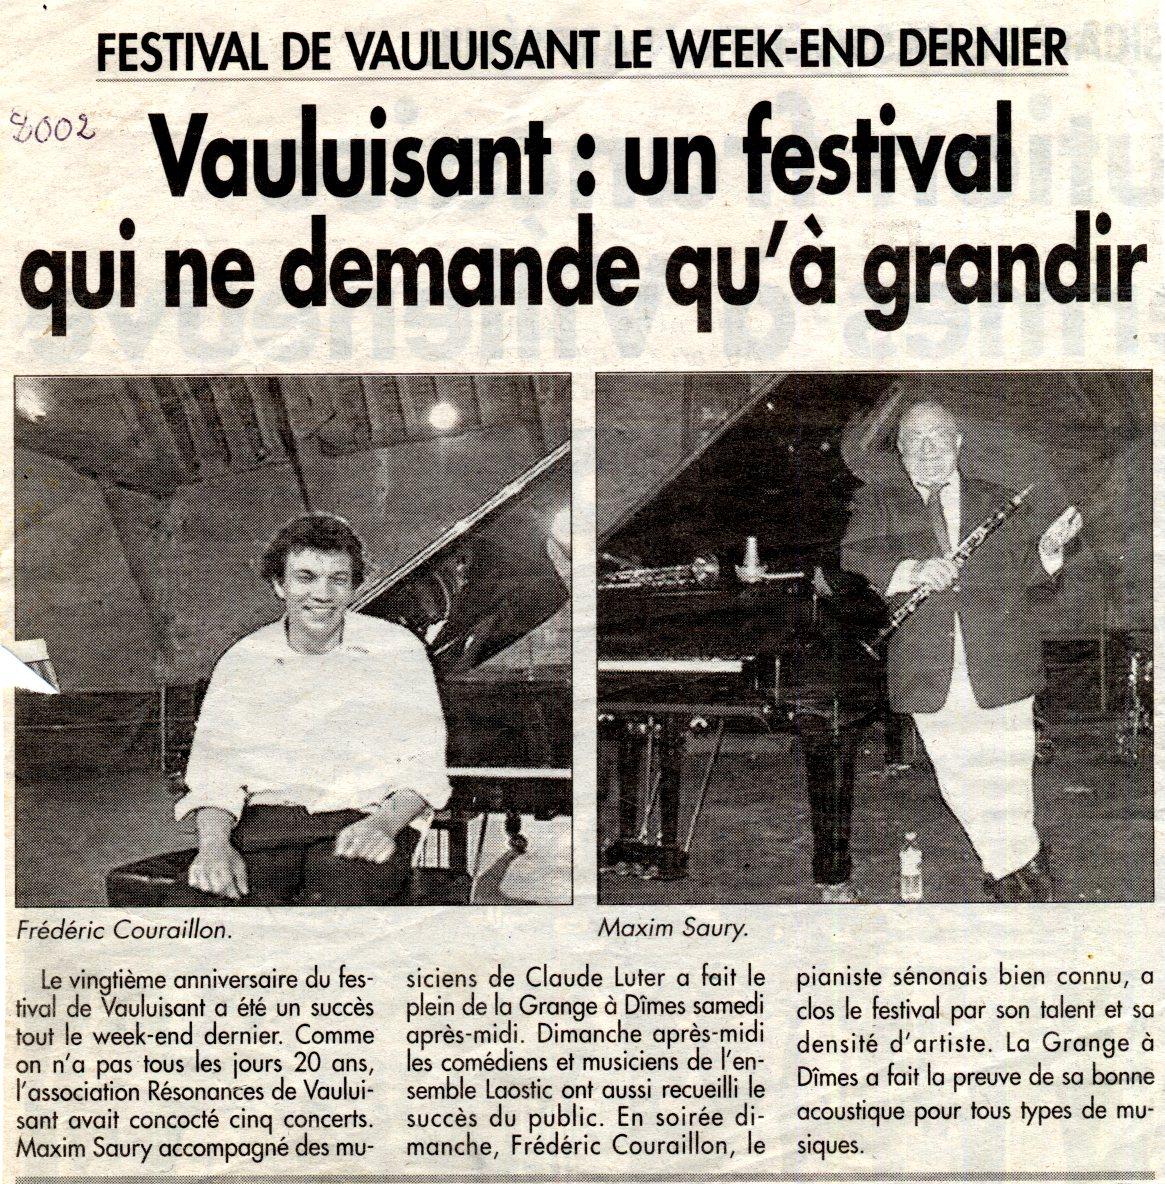 L'Yonne républicaine - 2002